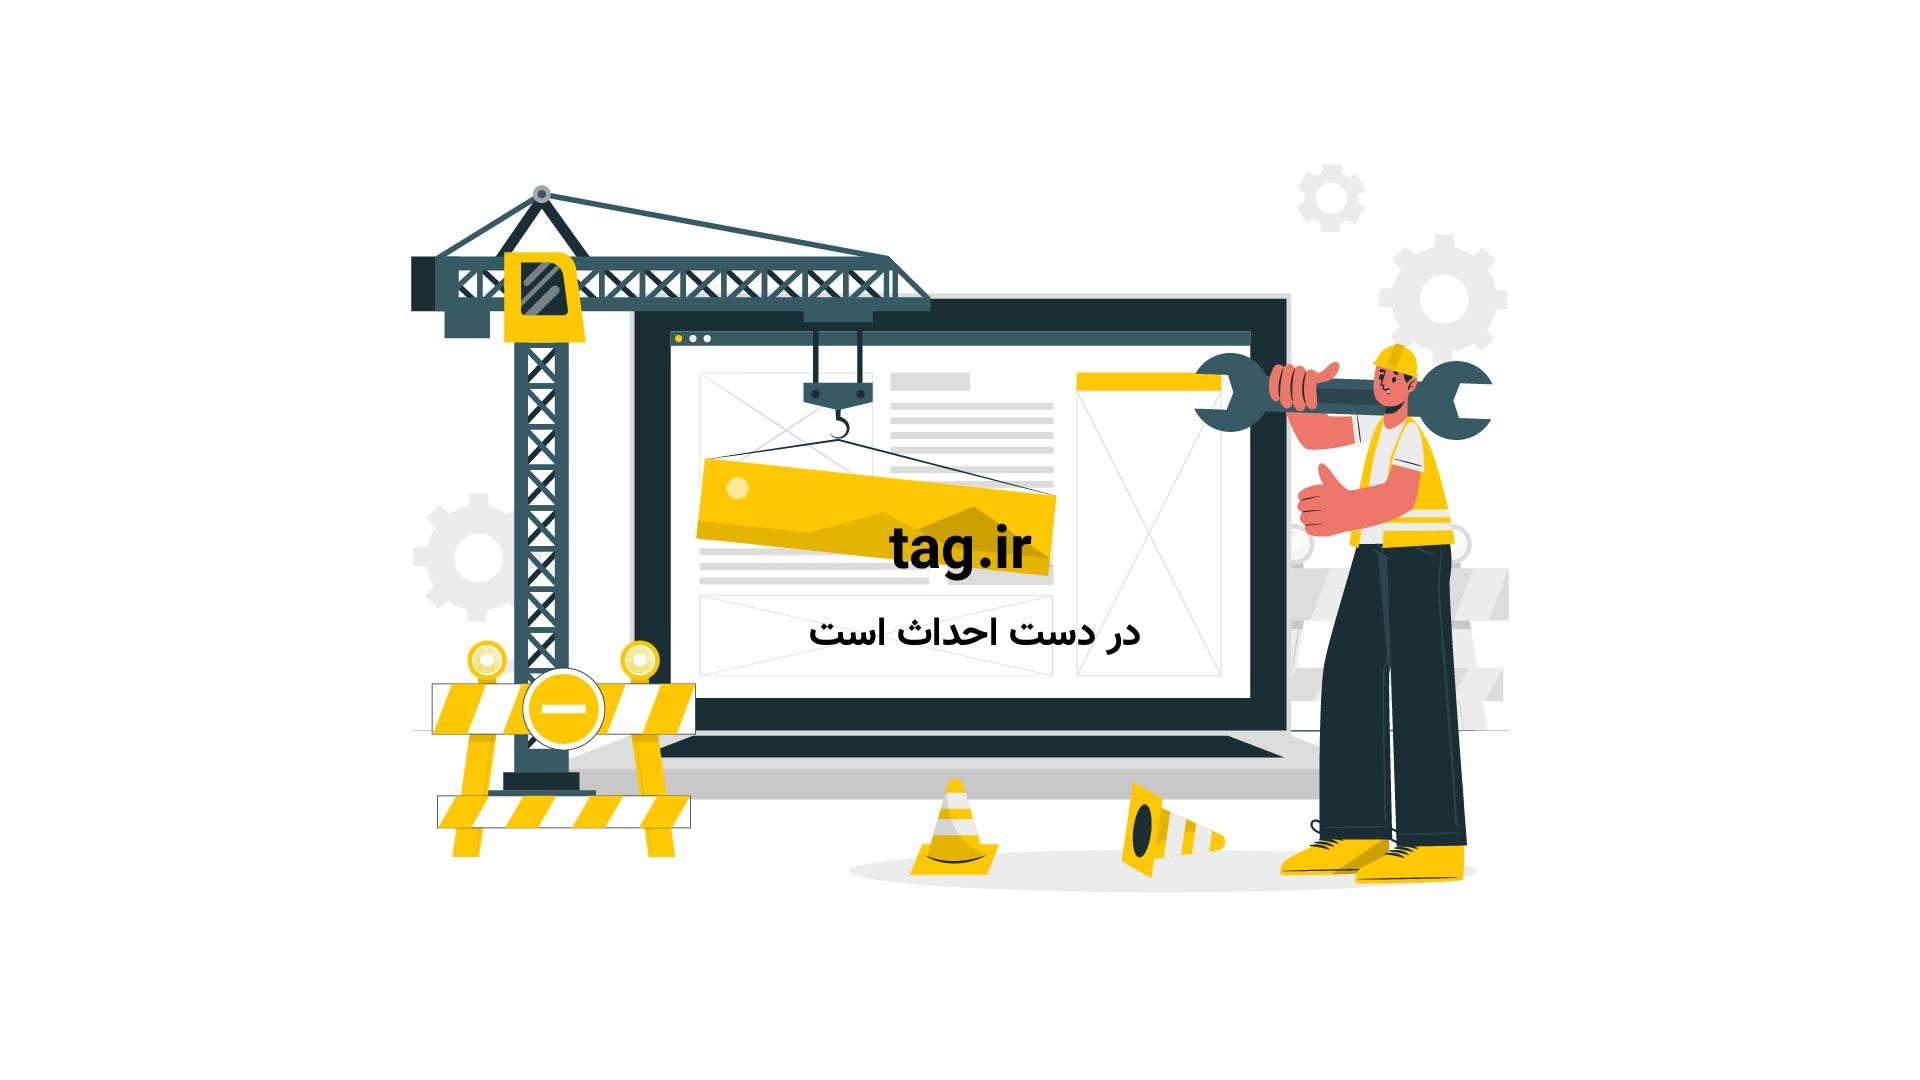 قلعه ابراهیم خان | تگ